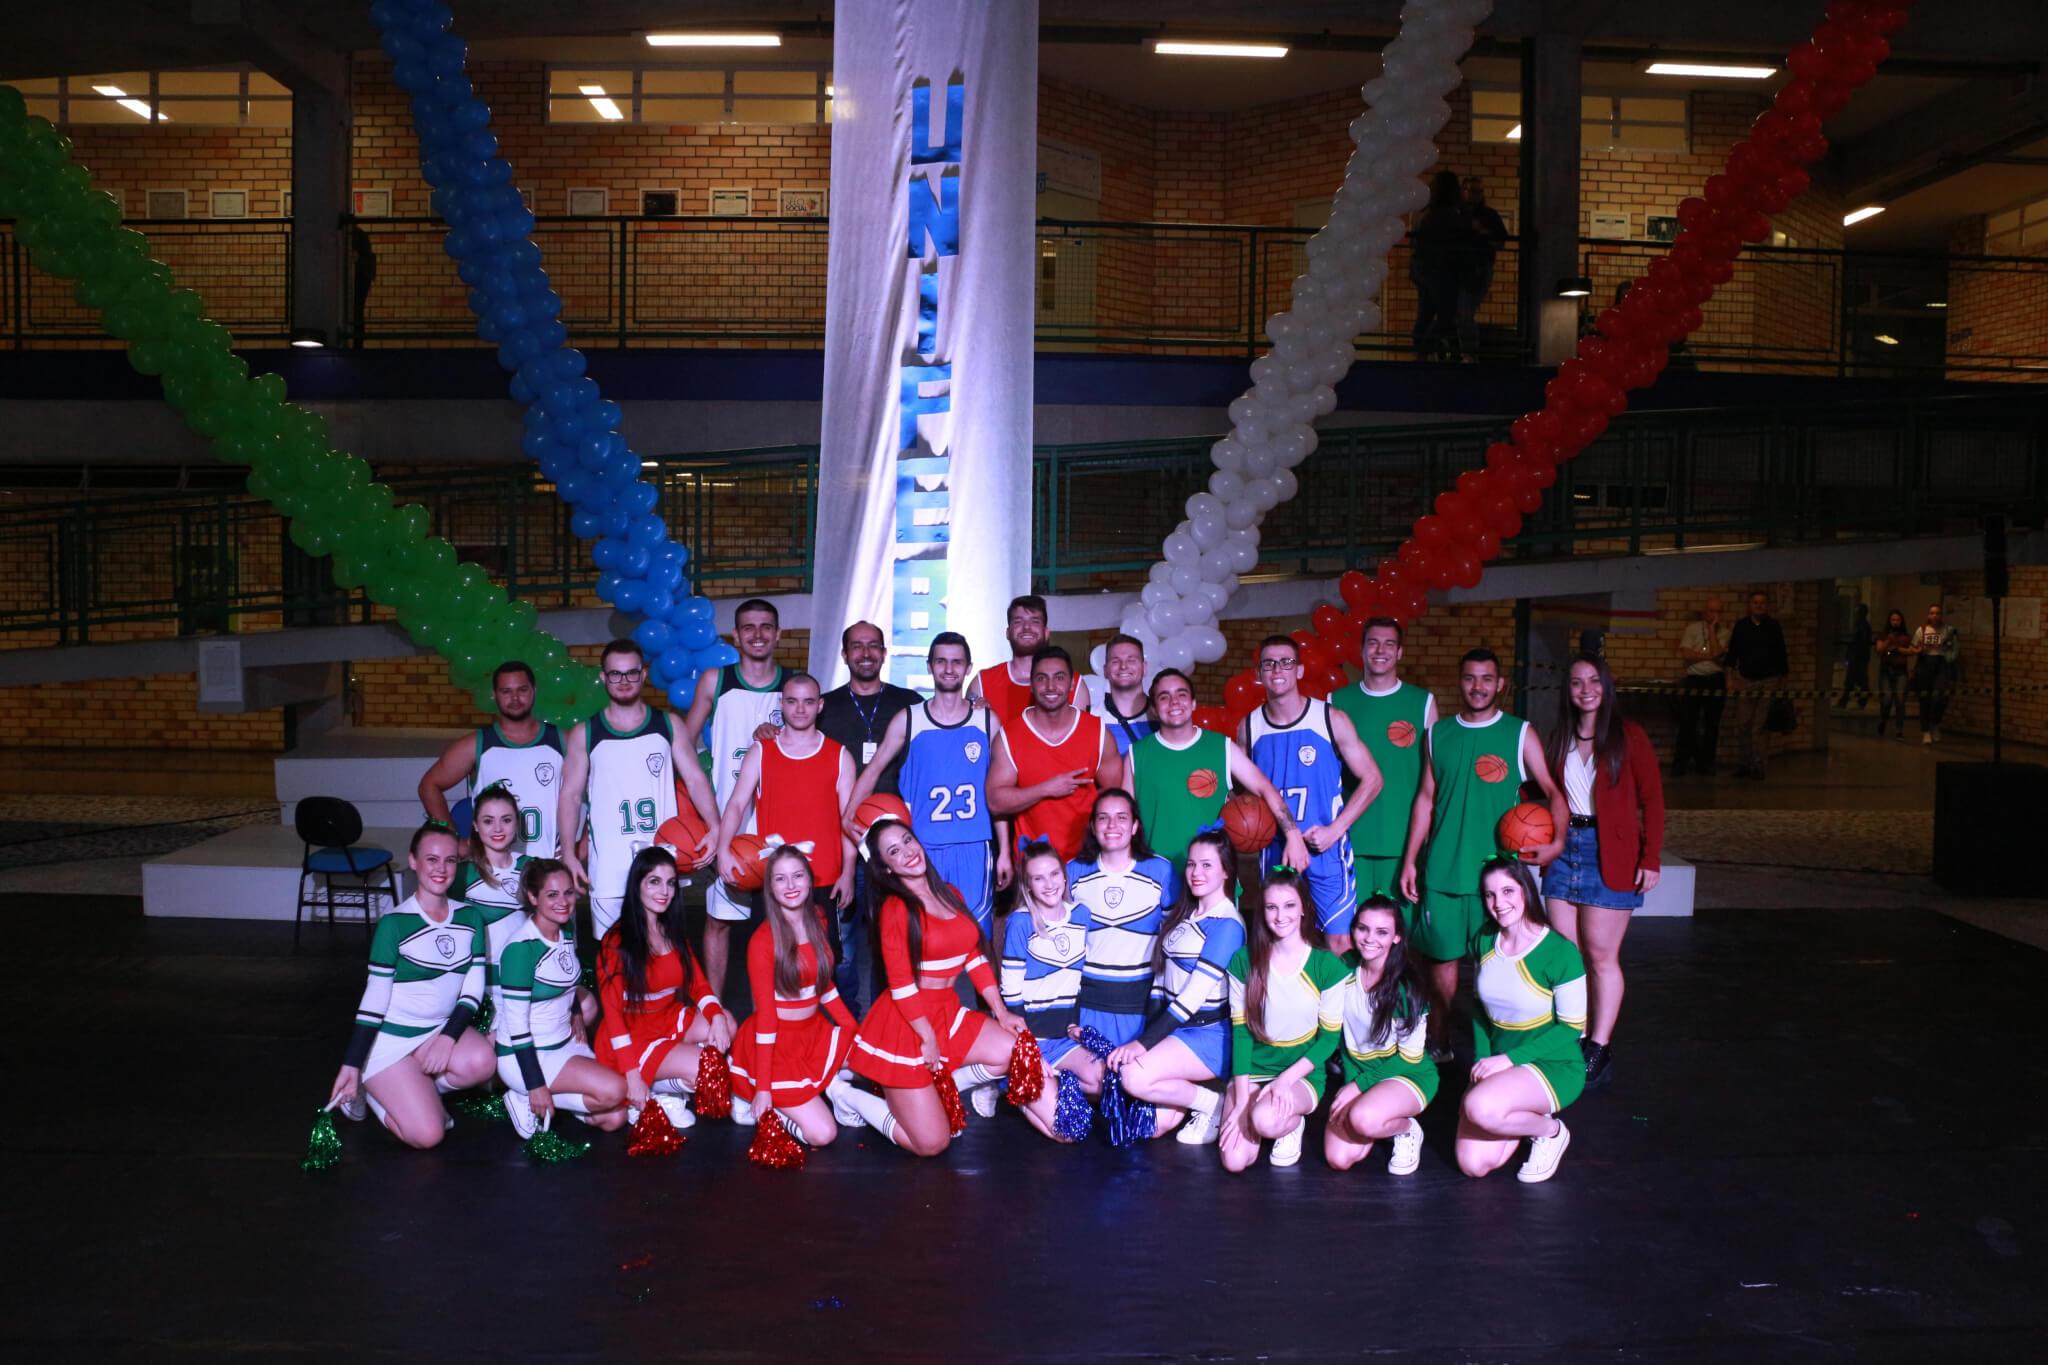 Mostra de dança celebra os 15 anos do curso de Educação Física